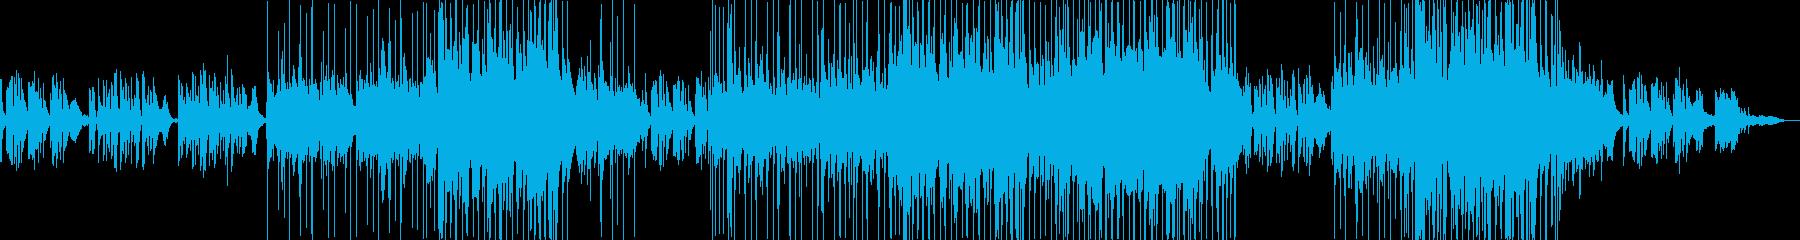 フォーク風の懐かしい雰囲気のバラードの再生済みの波形